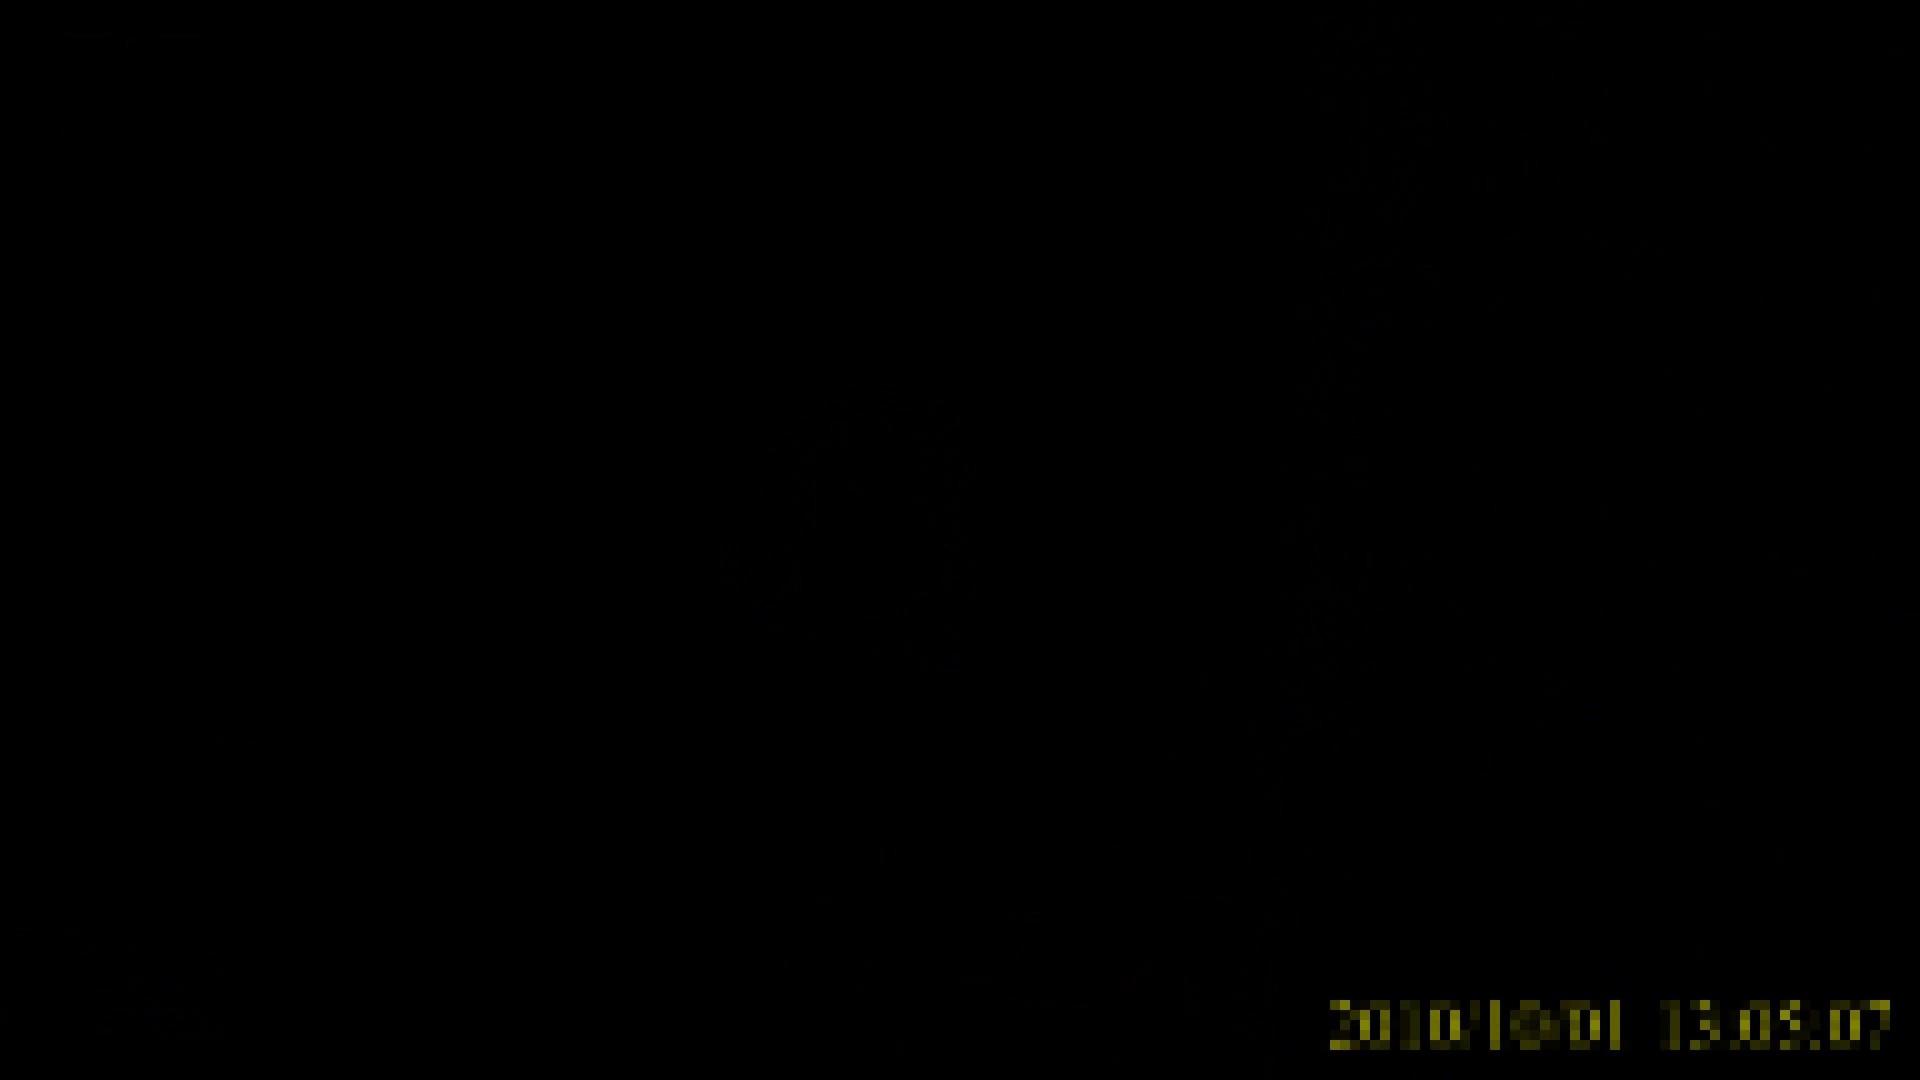 【未公開】vol.96 {茶髪→黒髪ギャル}美巨乳アミちゃん③【前編】 OLハメ撮り  83Pix 23